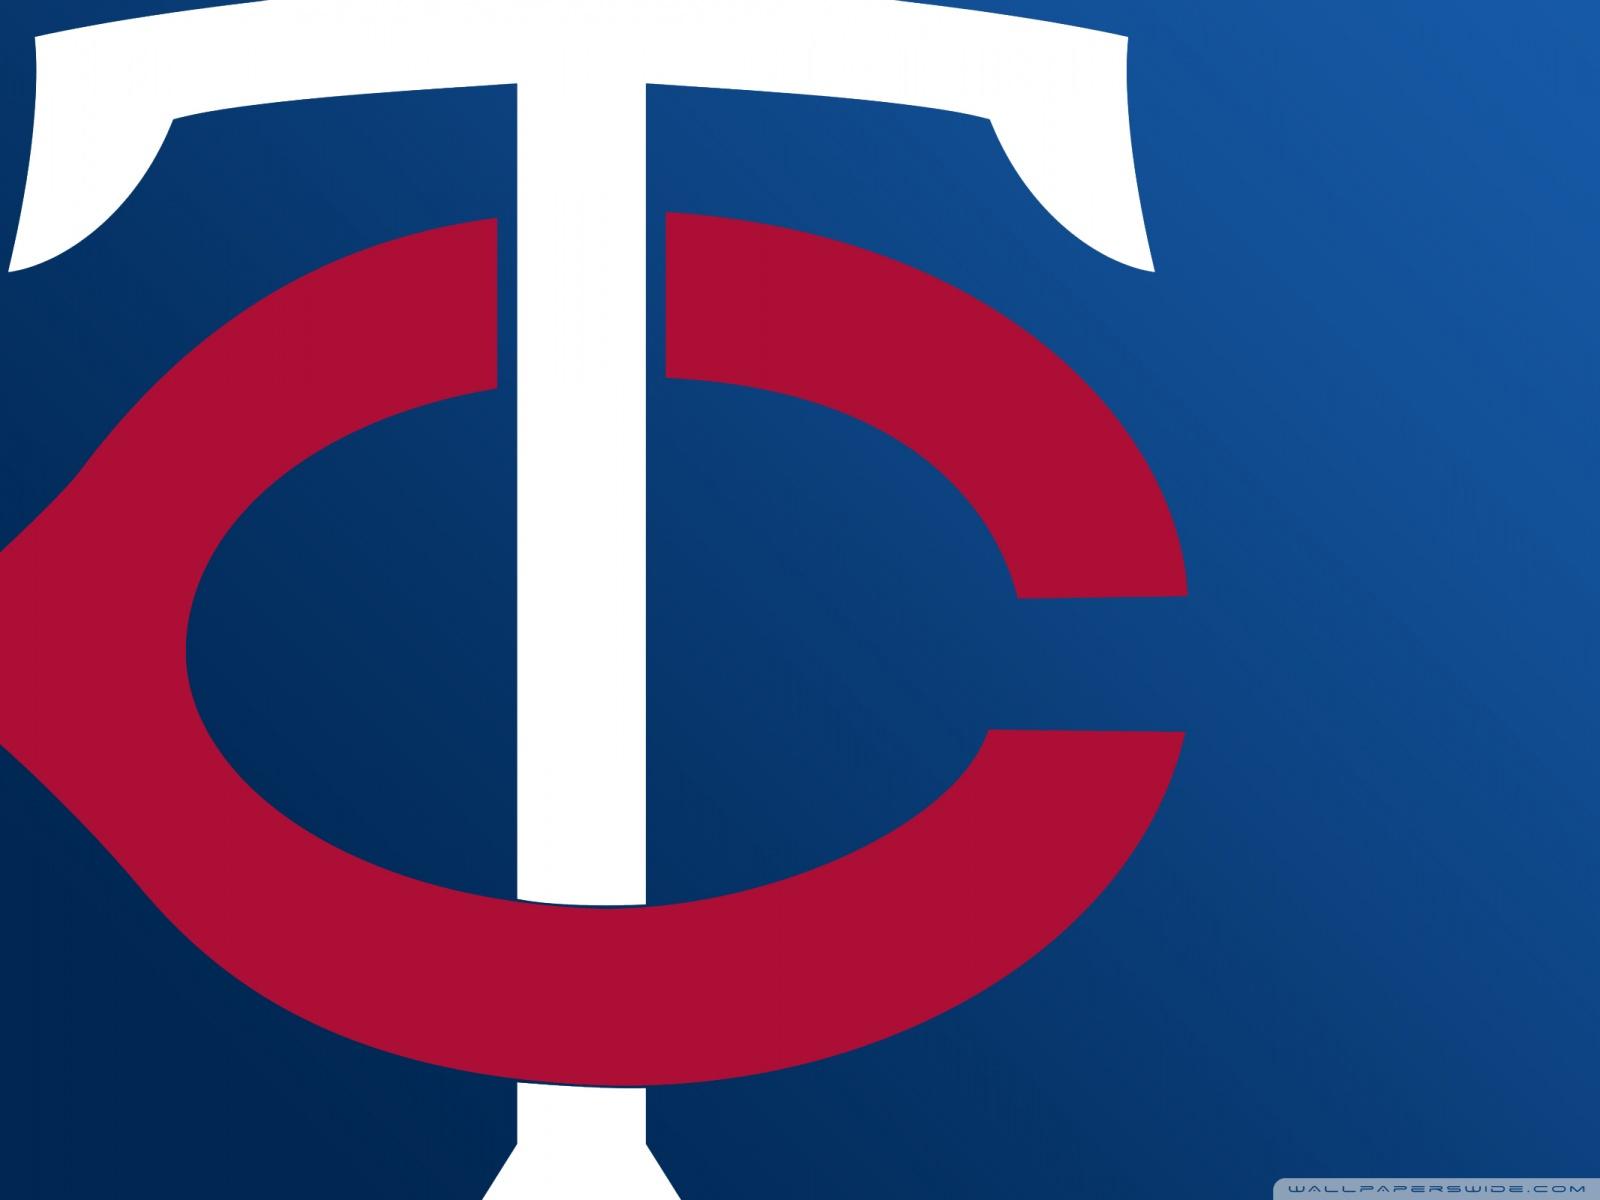 1600x1200 Minnesota Twins Tc Logo 4k Hd Desktop Wallpaper